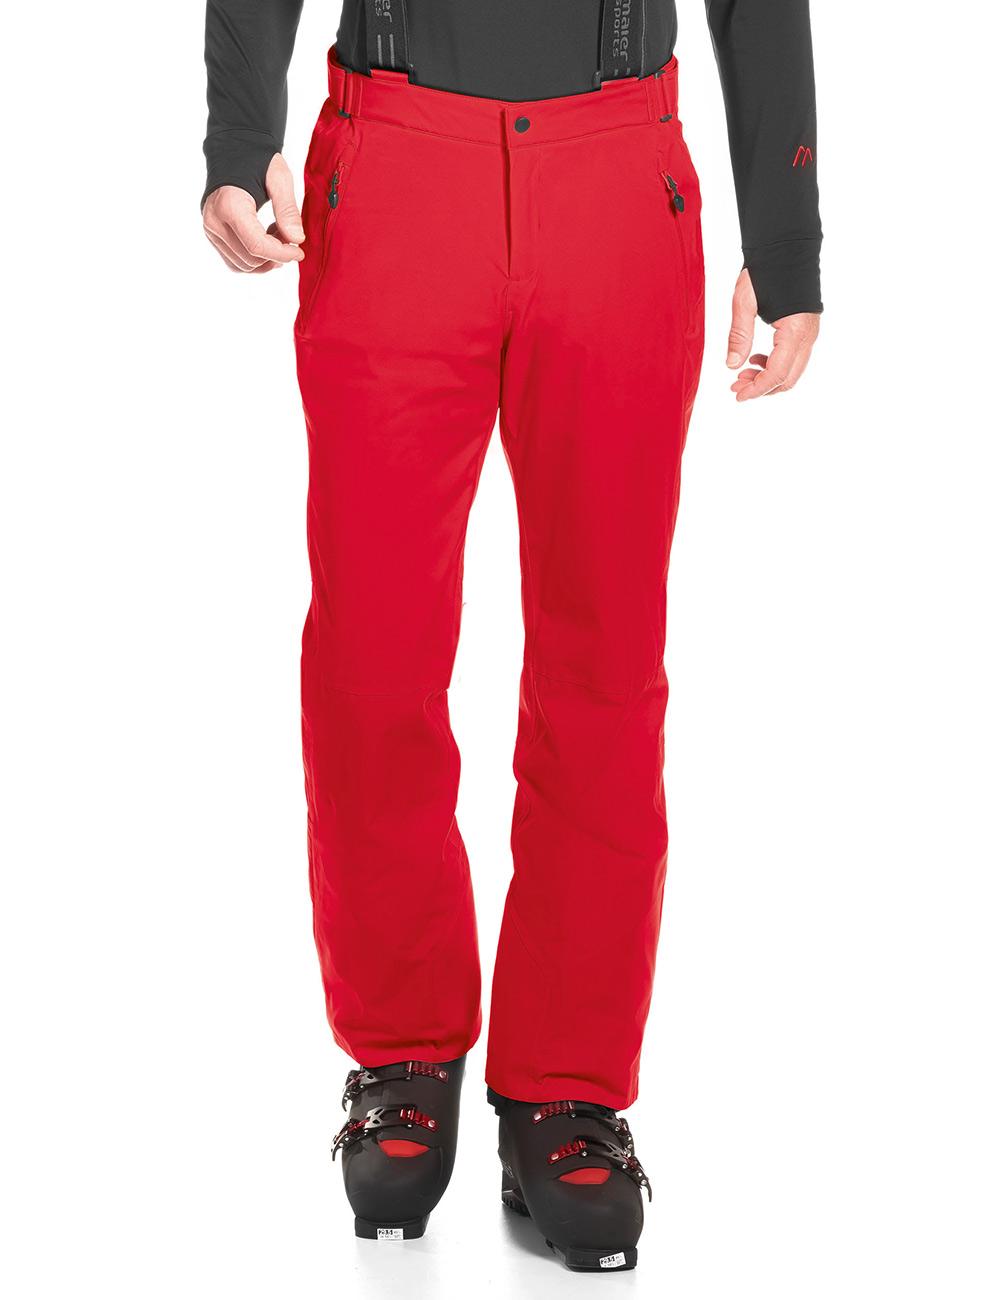 Купить Брюки горнолыжные MAIER 2017-18 Anton light chinese red Одежда горнолыжная 1280495